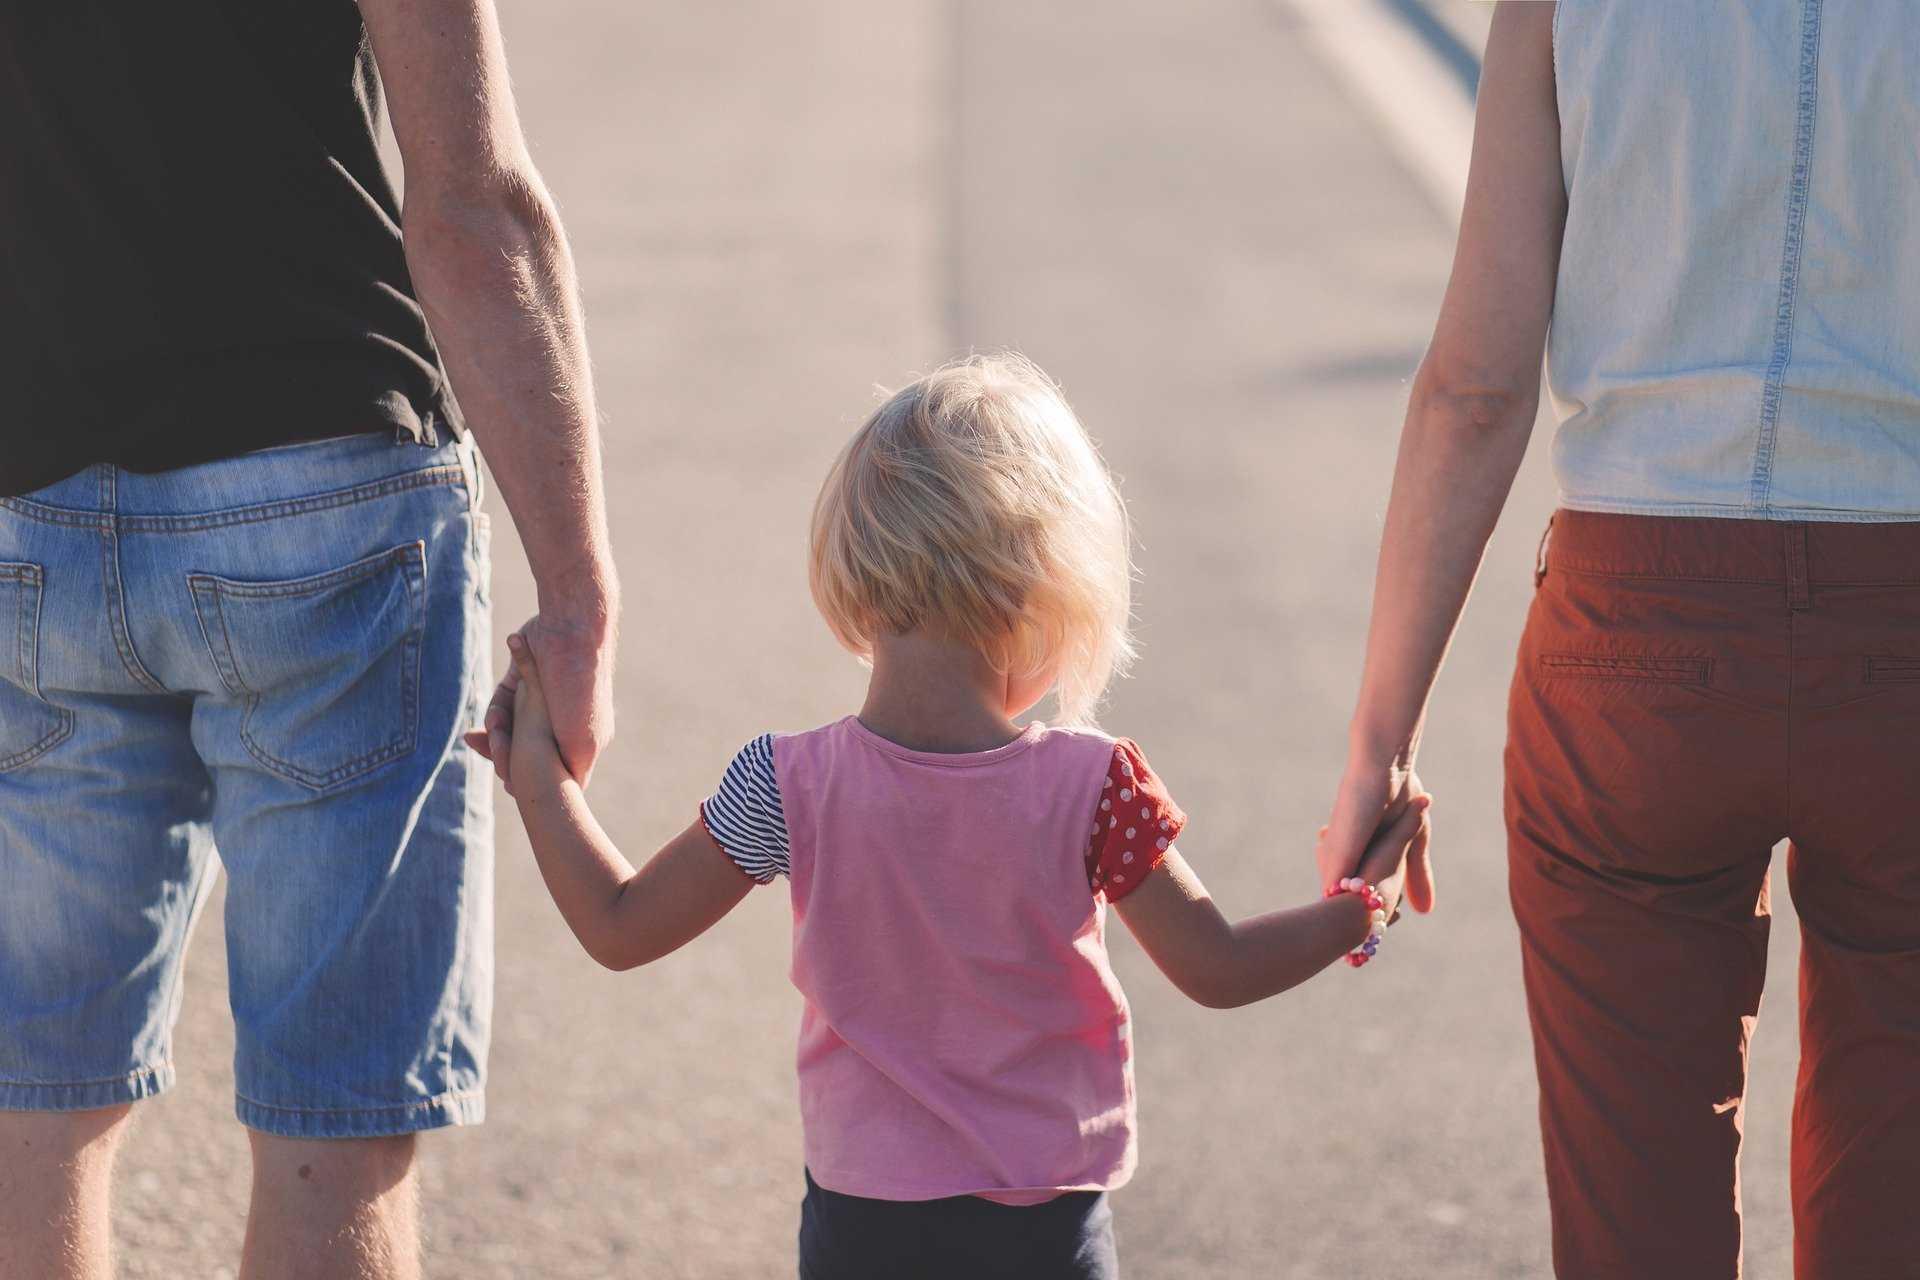 קורס קונסטלציה משפחתית - אתה לא אבי ואני לא אימך, מכללת כרכור